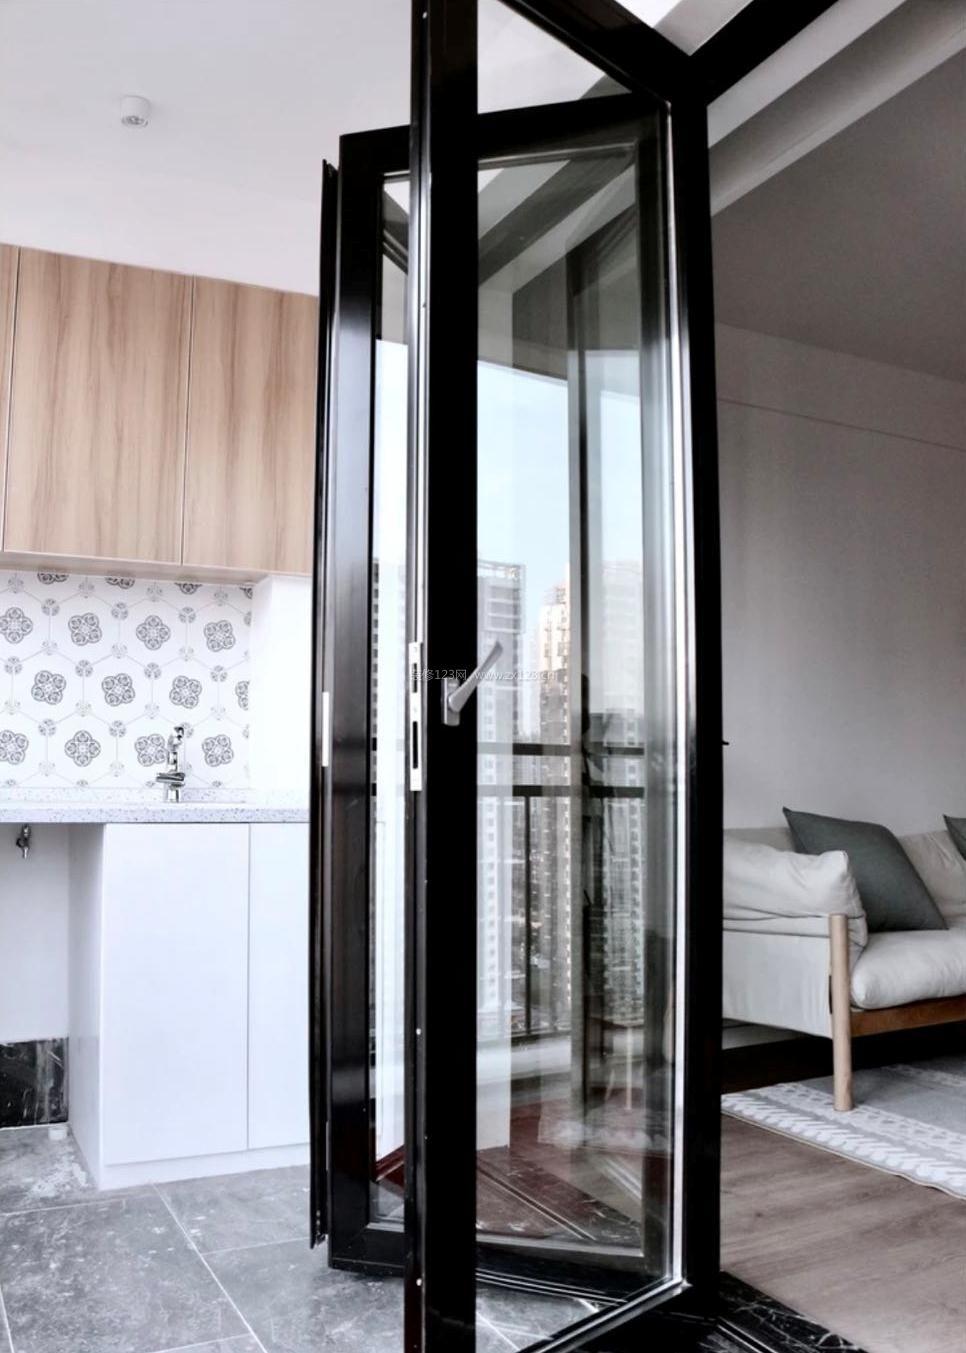 2018北欧家居客厅阳台玻璃门隔断装修效果图